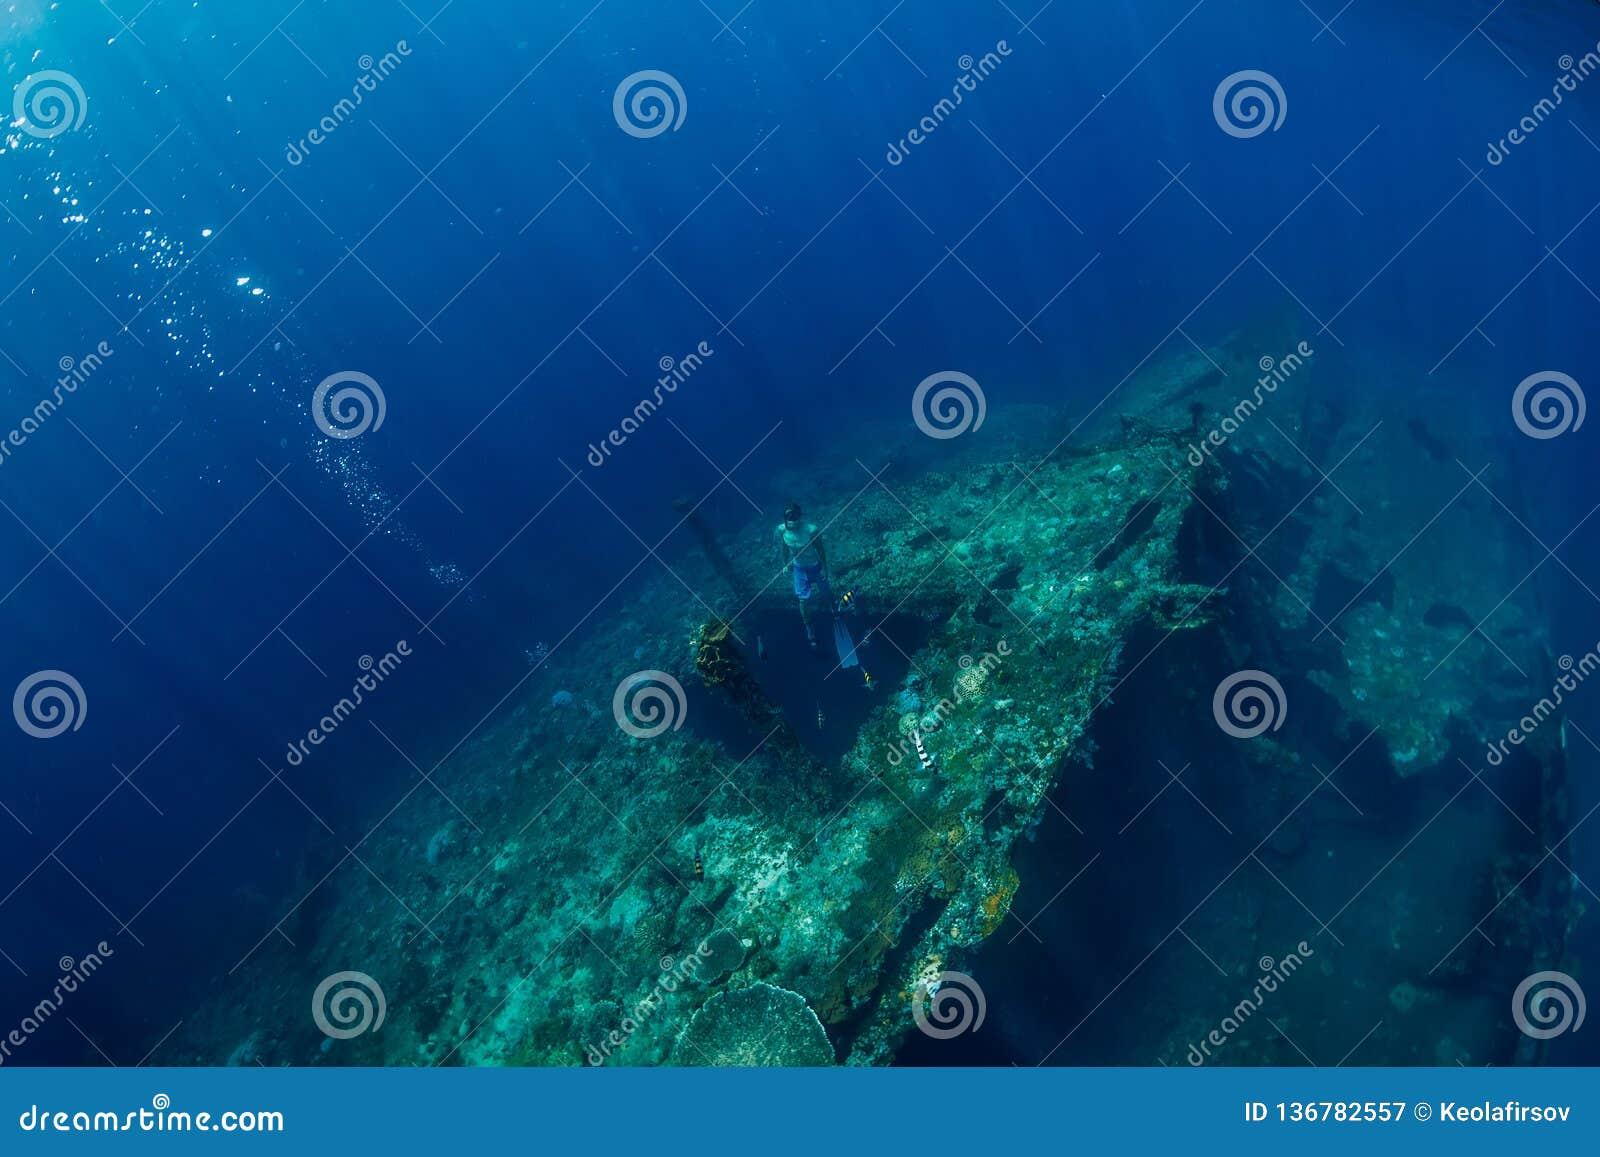 Freies Tauchermanntauchen am Schiffbruch, Unterwasserozean